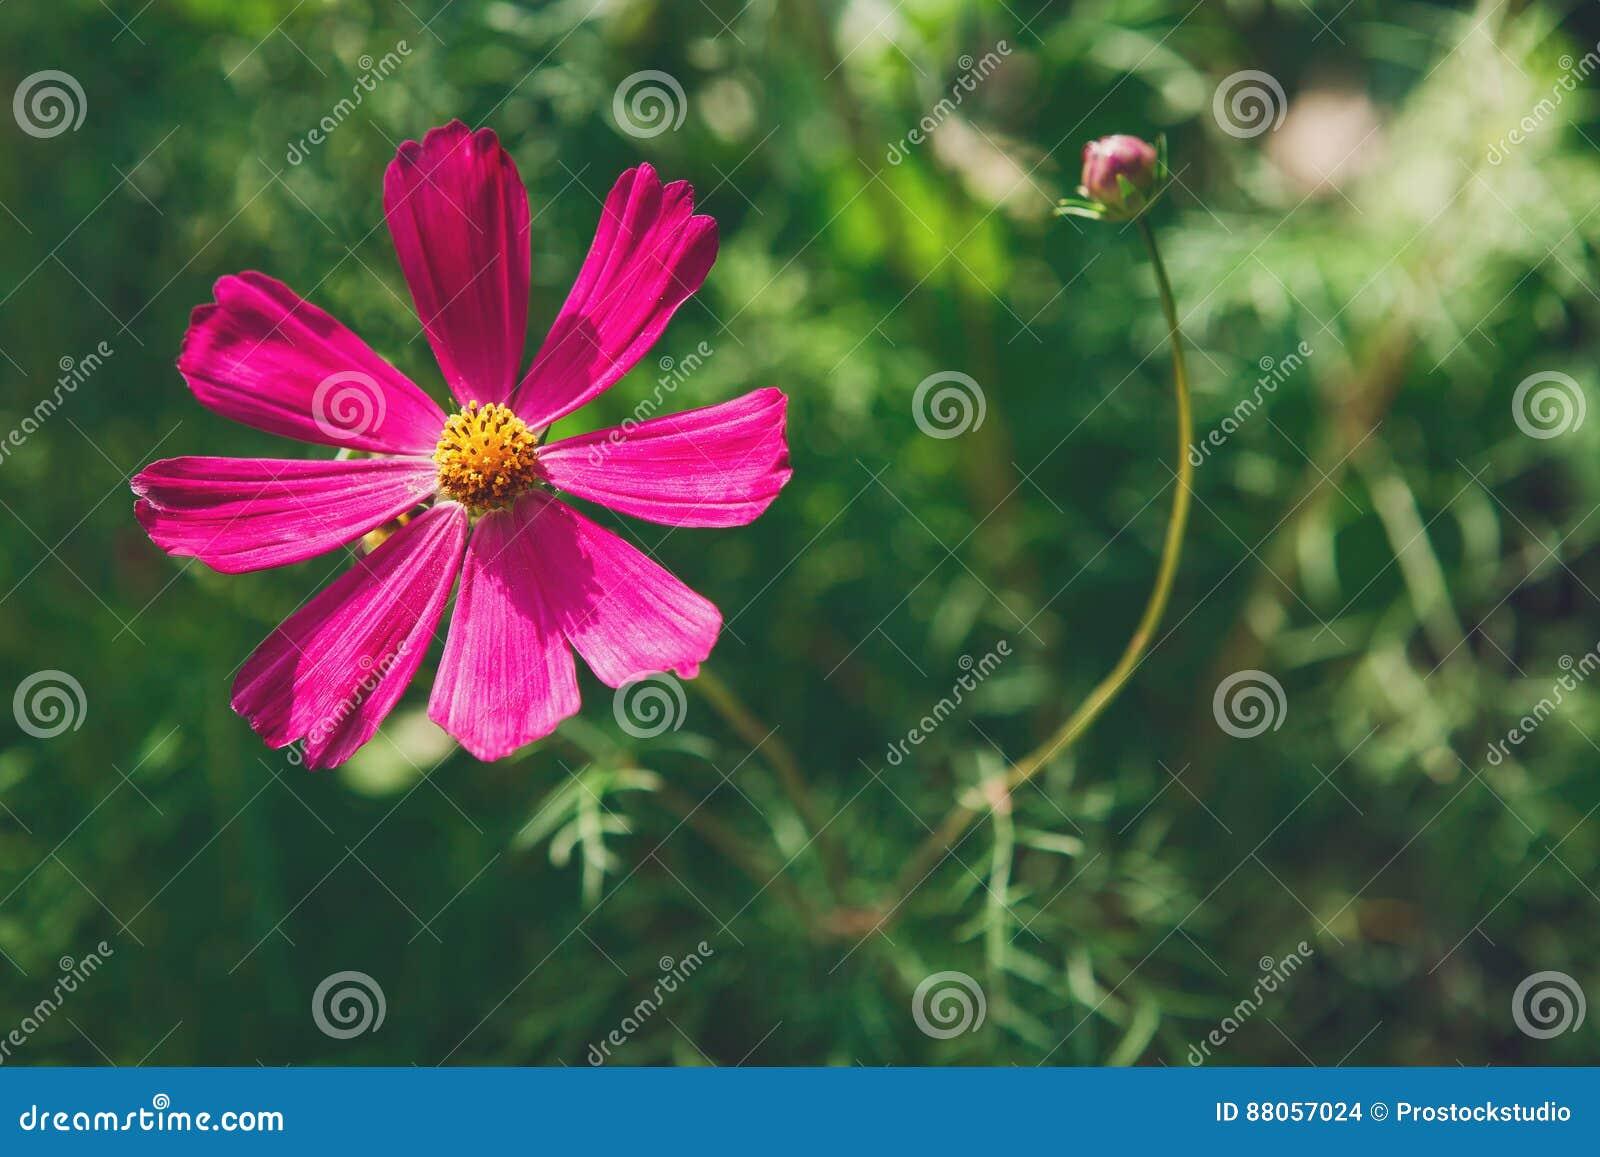 Fleur De Rose D Aster Ou Cosmos Mexicaine De Jardin Plan Rapproche